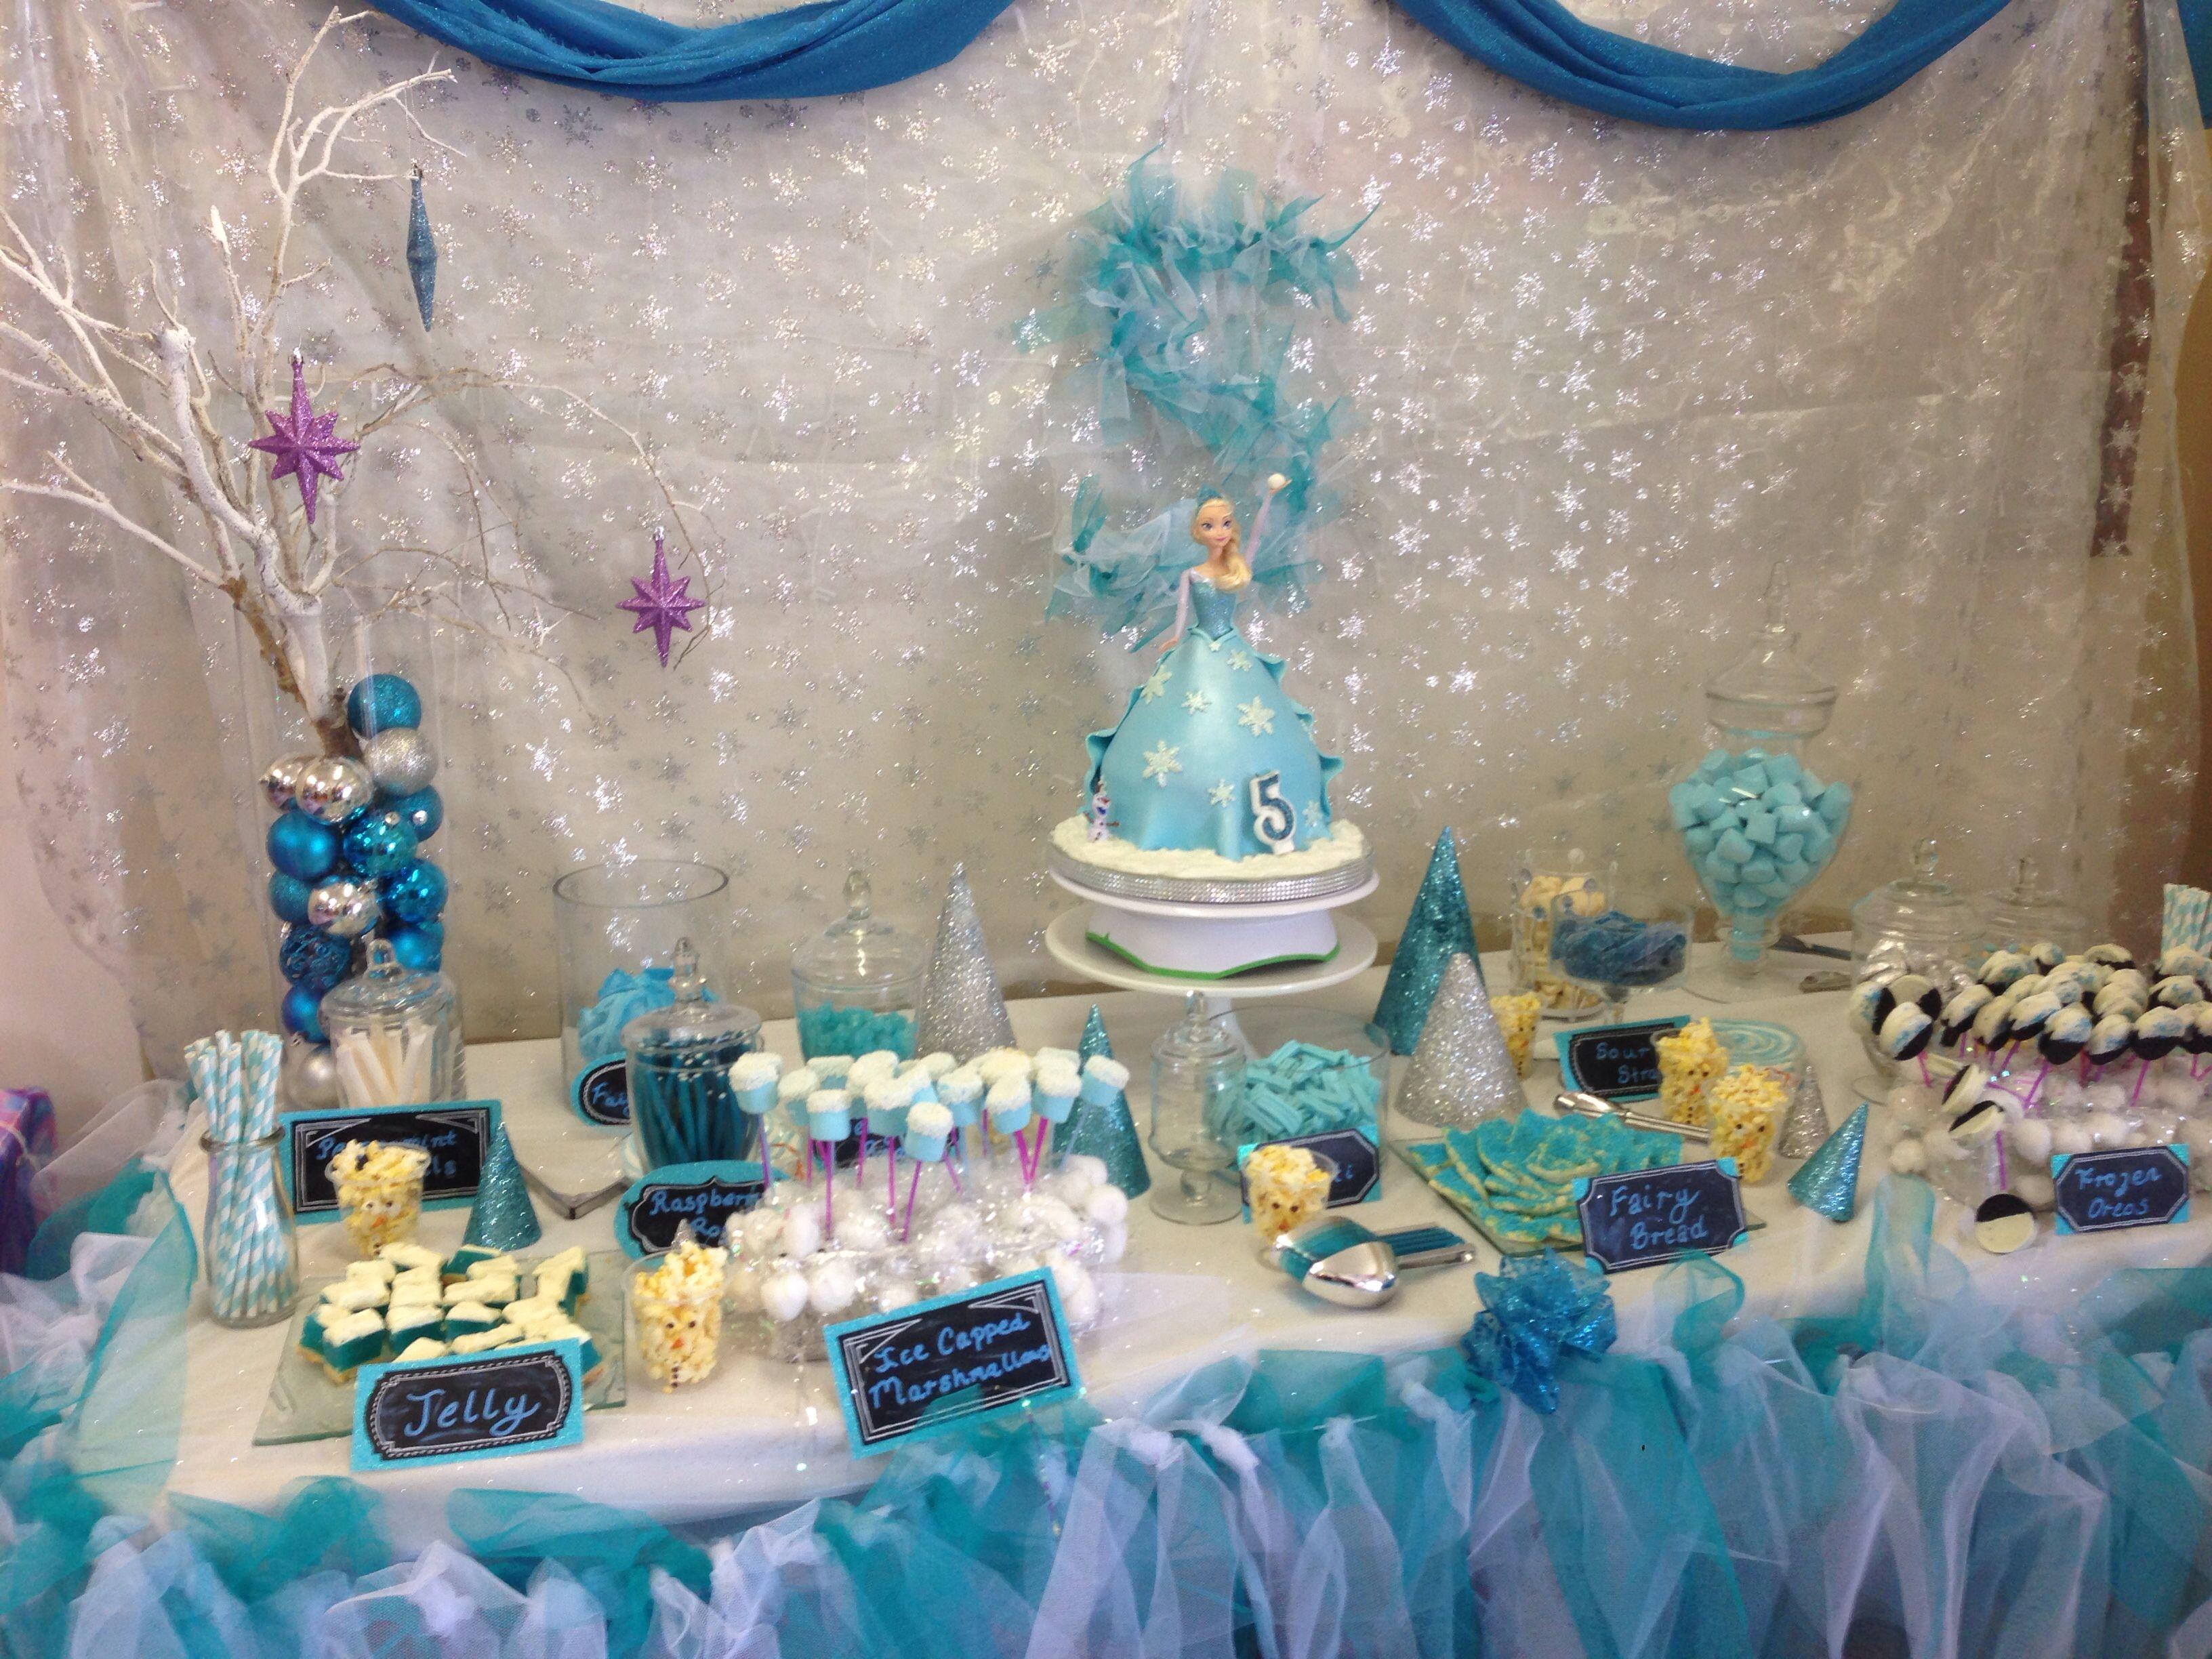 Frozen birthday party theme  kindergeburtstag  Pinterest  Frozen